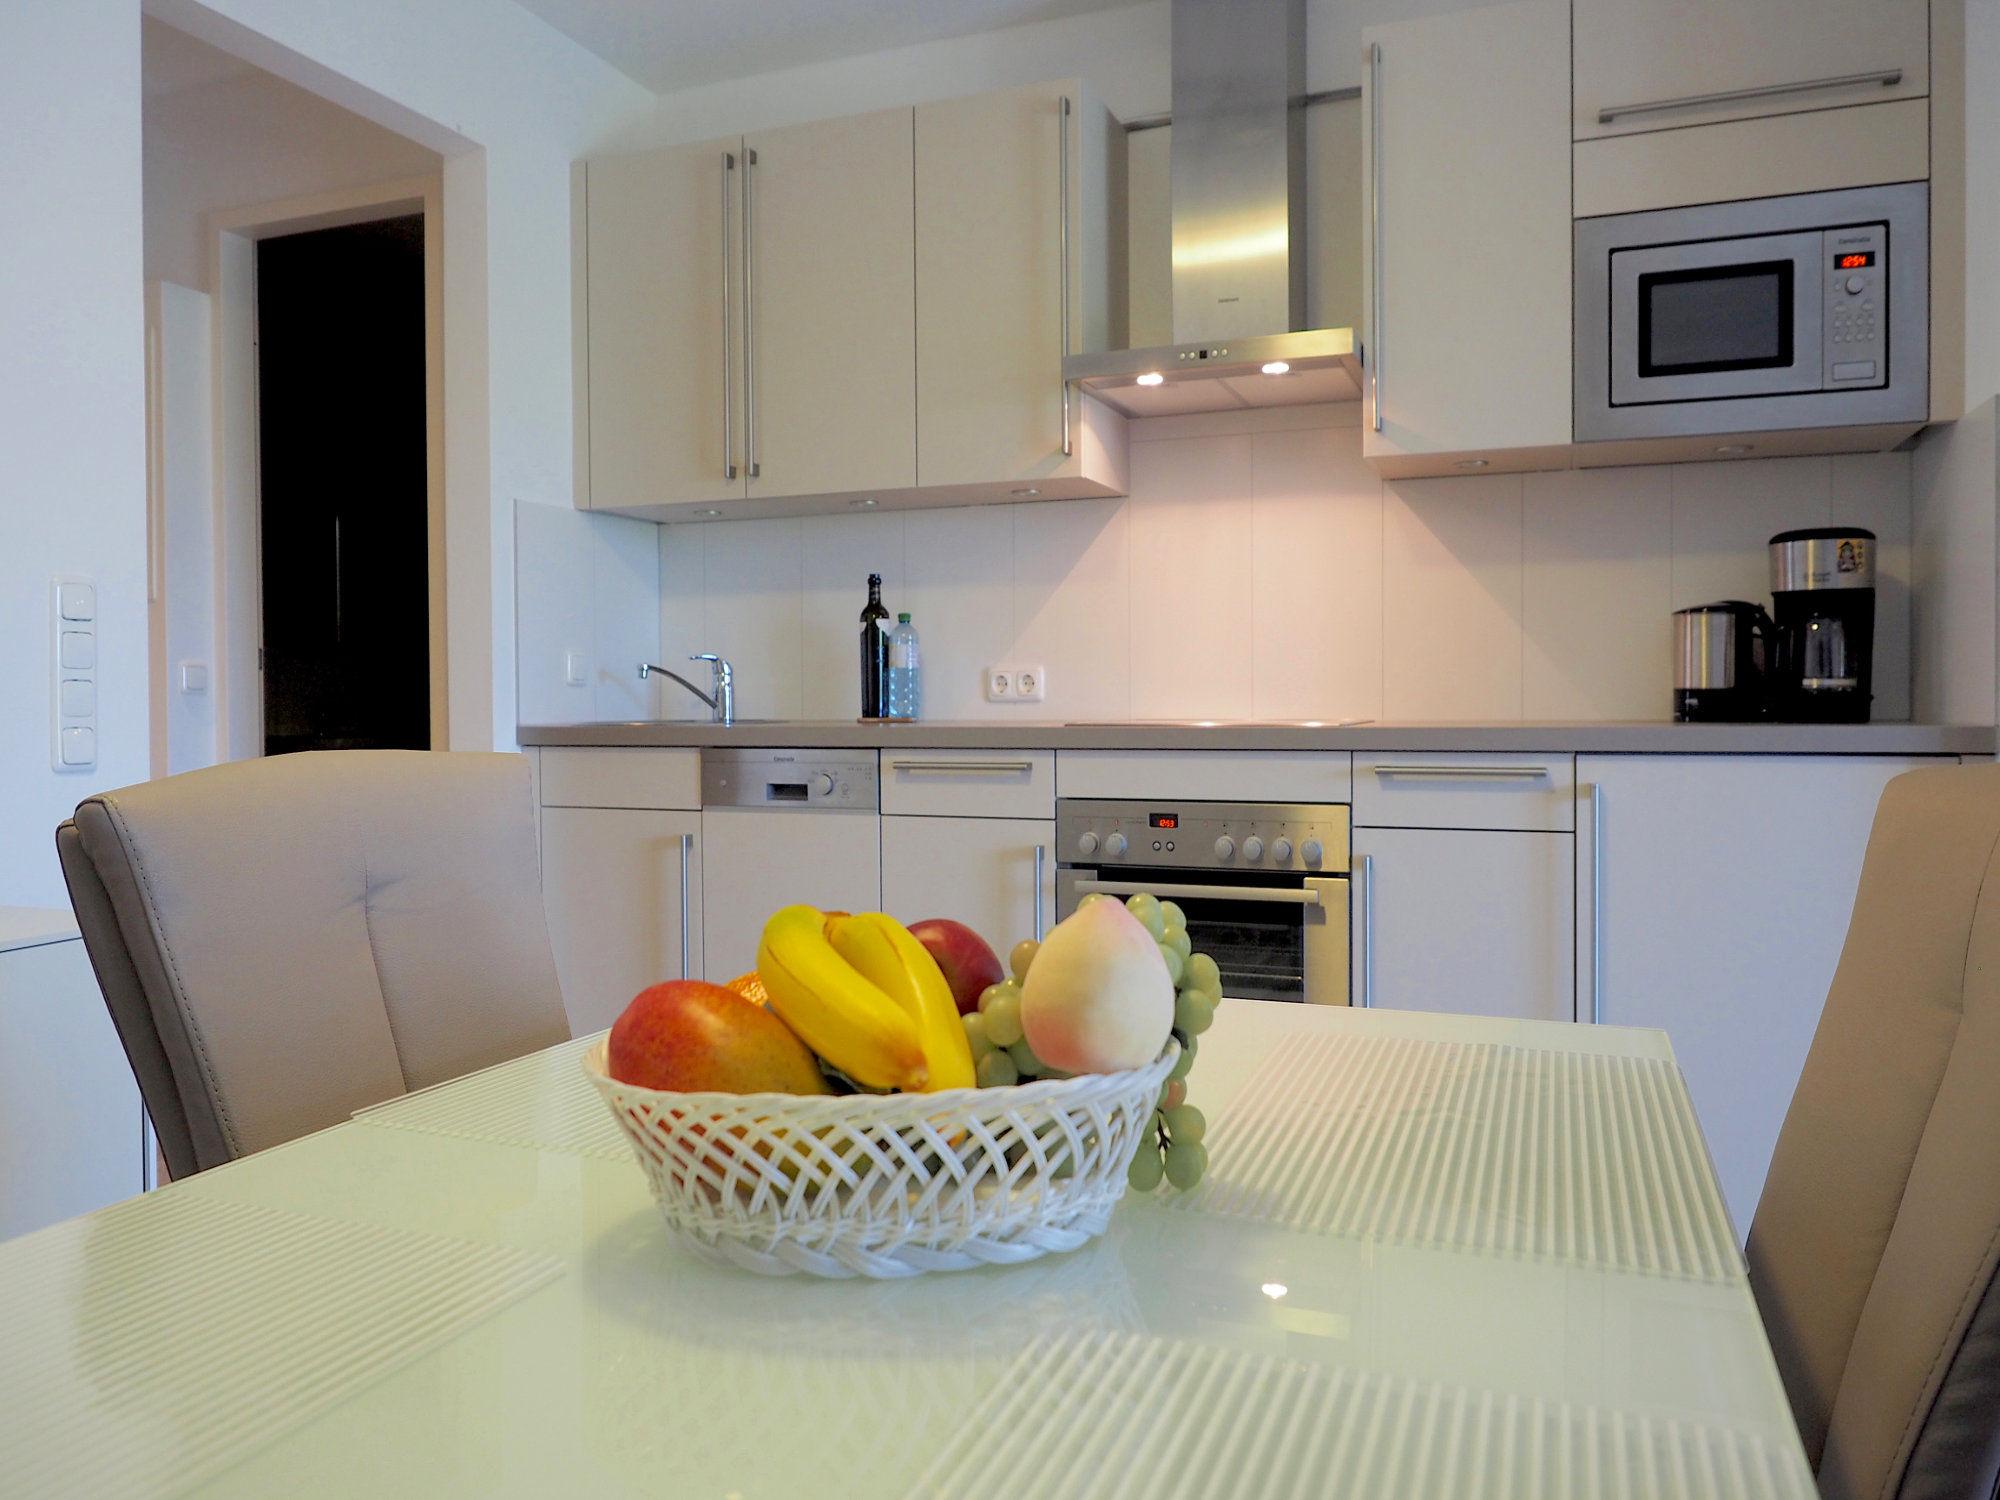 Esstisch mit 4 Stühlen und moderner Küchenzeile im Hintergrund